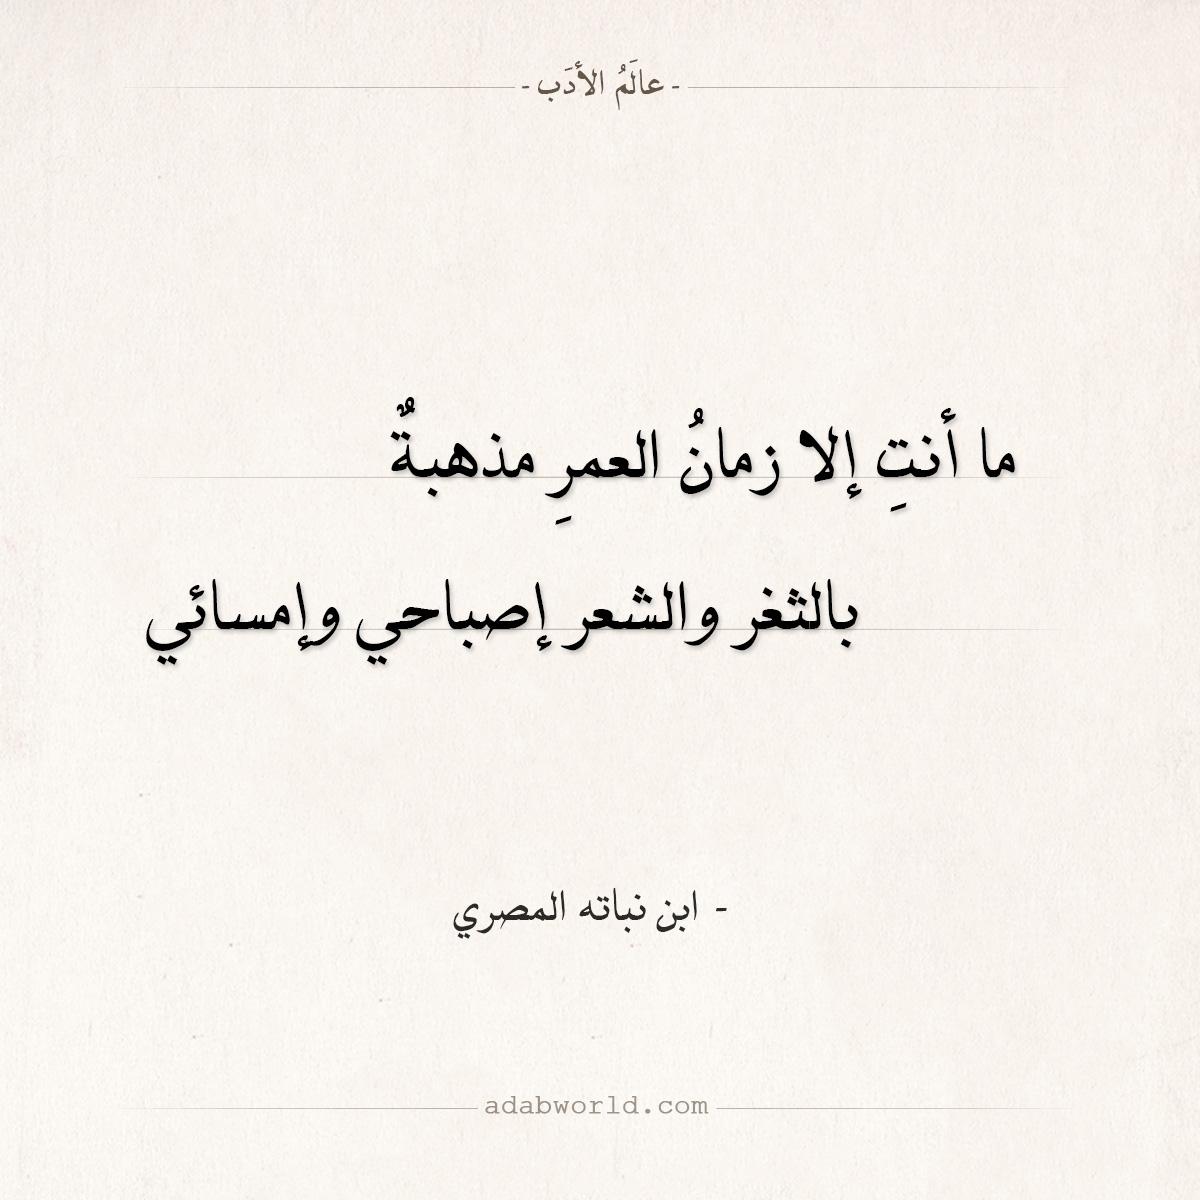 شعر ابن نباته المصري - ما أنت إلا زمان العمر مذهبة